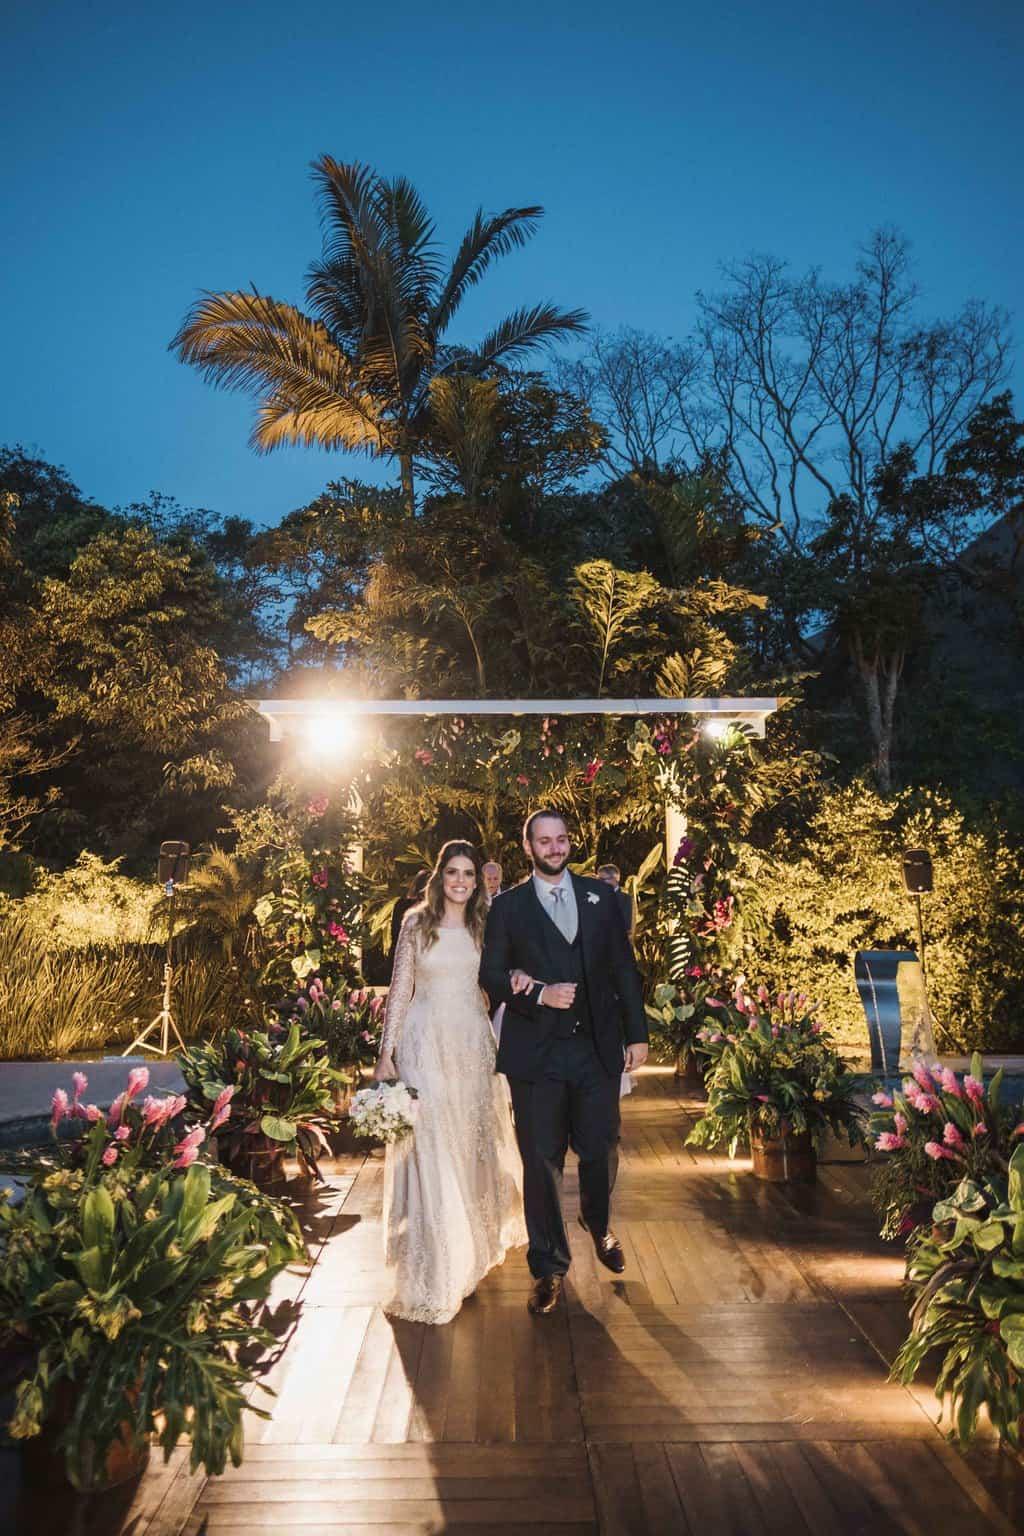 casamento-na-serra-cerimonia-ao-ar-livre-Fotografia-Renata-Xavier-Les-Amies-Cerimonial-Locanda-Della-Mimosa-Natalia-e-Bruno-saida-dos-noivos481